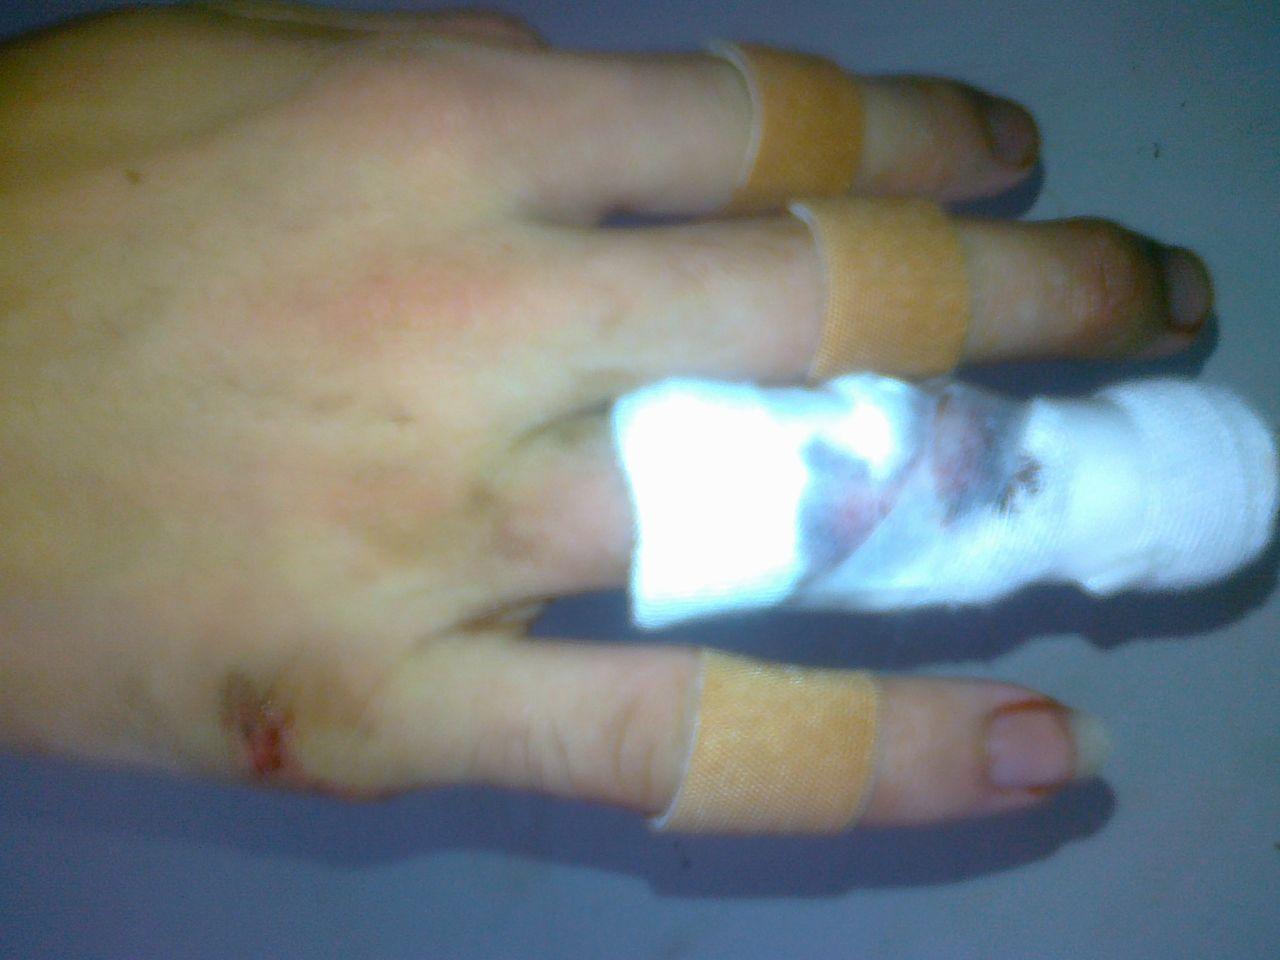 胳膊被玻璃划伤图片_手指的划伤 包扎后 纱布和血疤连再一起了. 怎么样取下来有效 ...